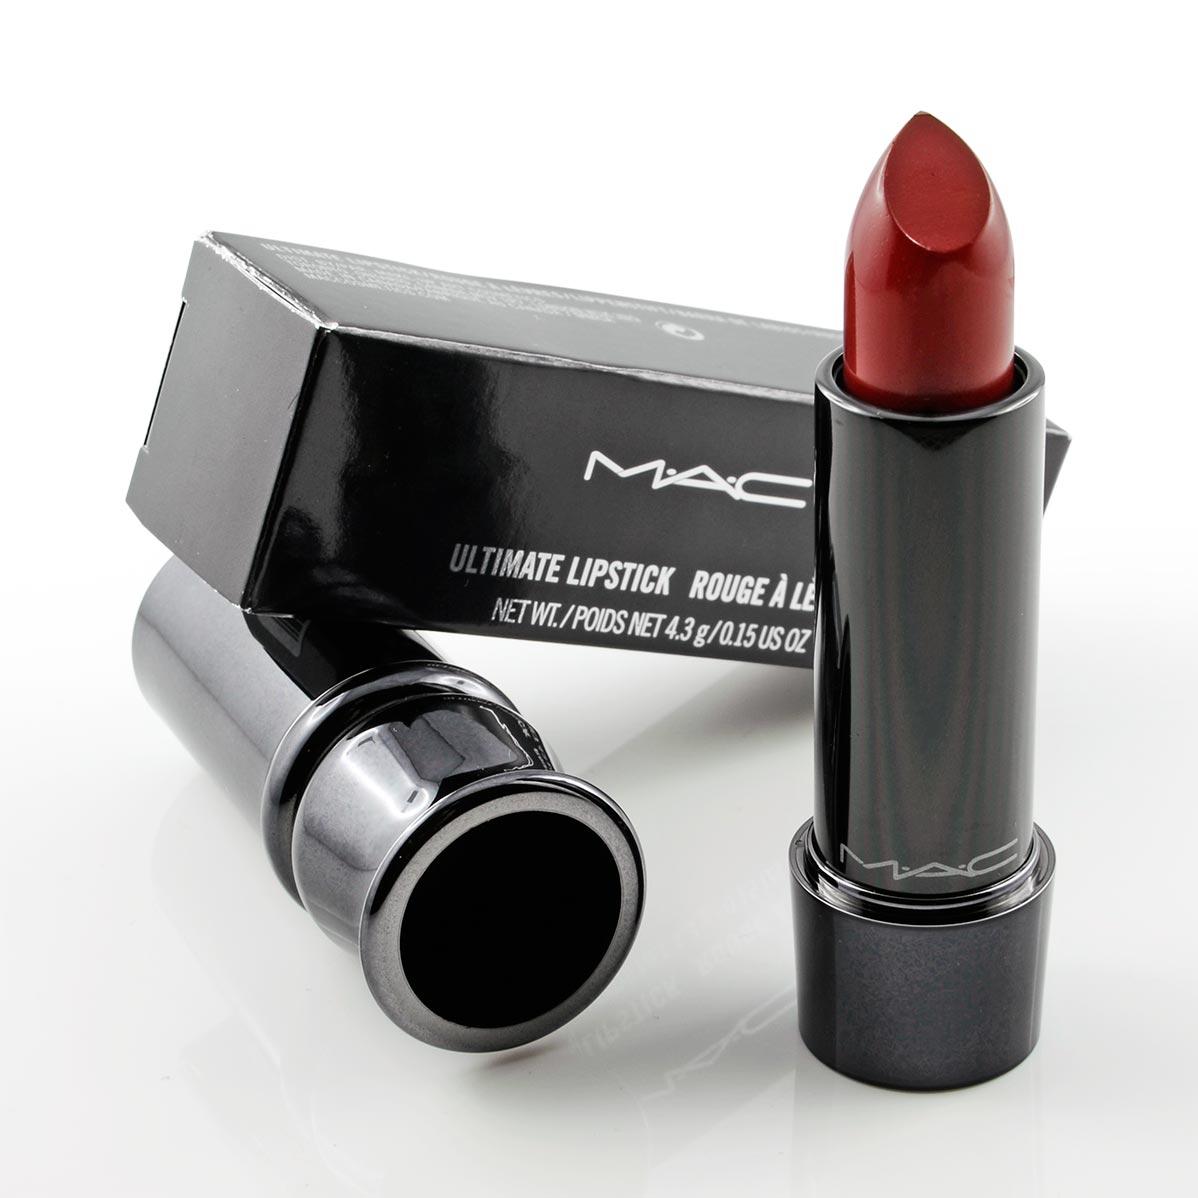 """Der Ultimate Lipstick in """"Dangerously Chic"""" von Mac im Test"""